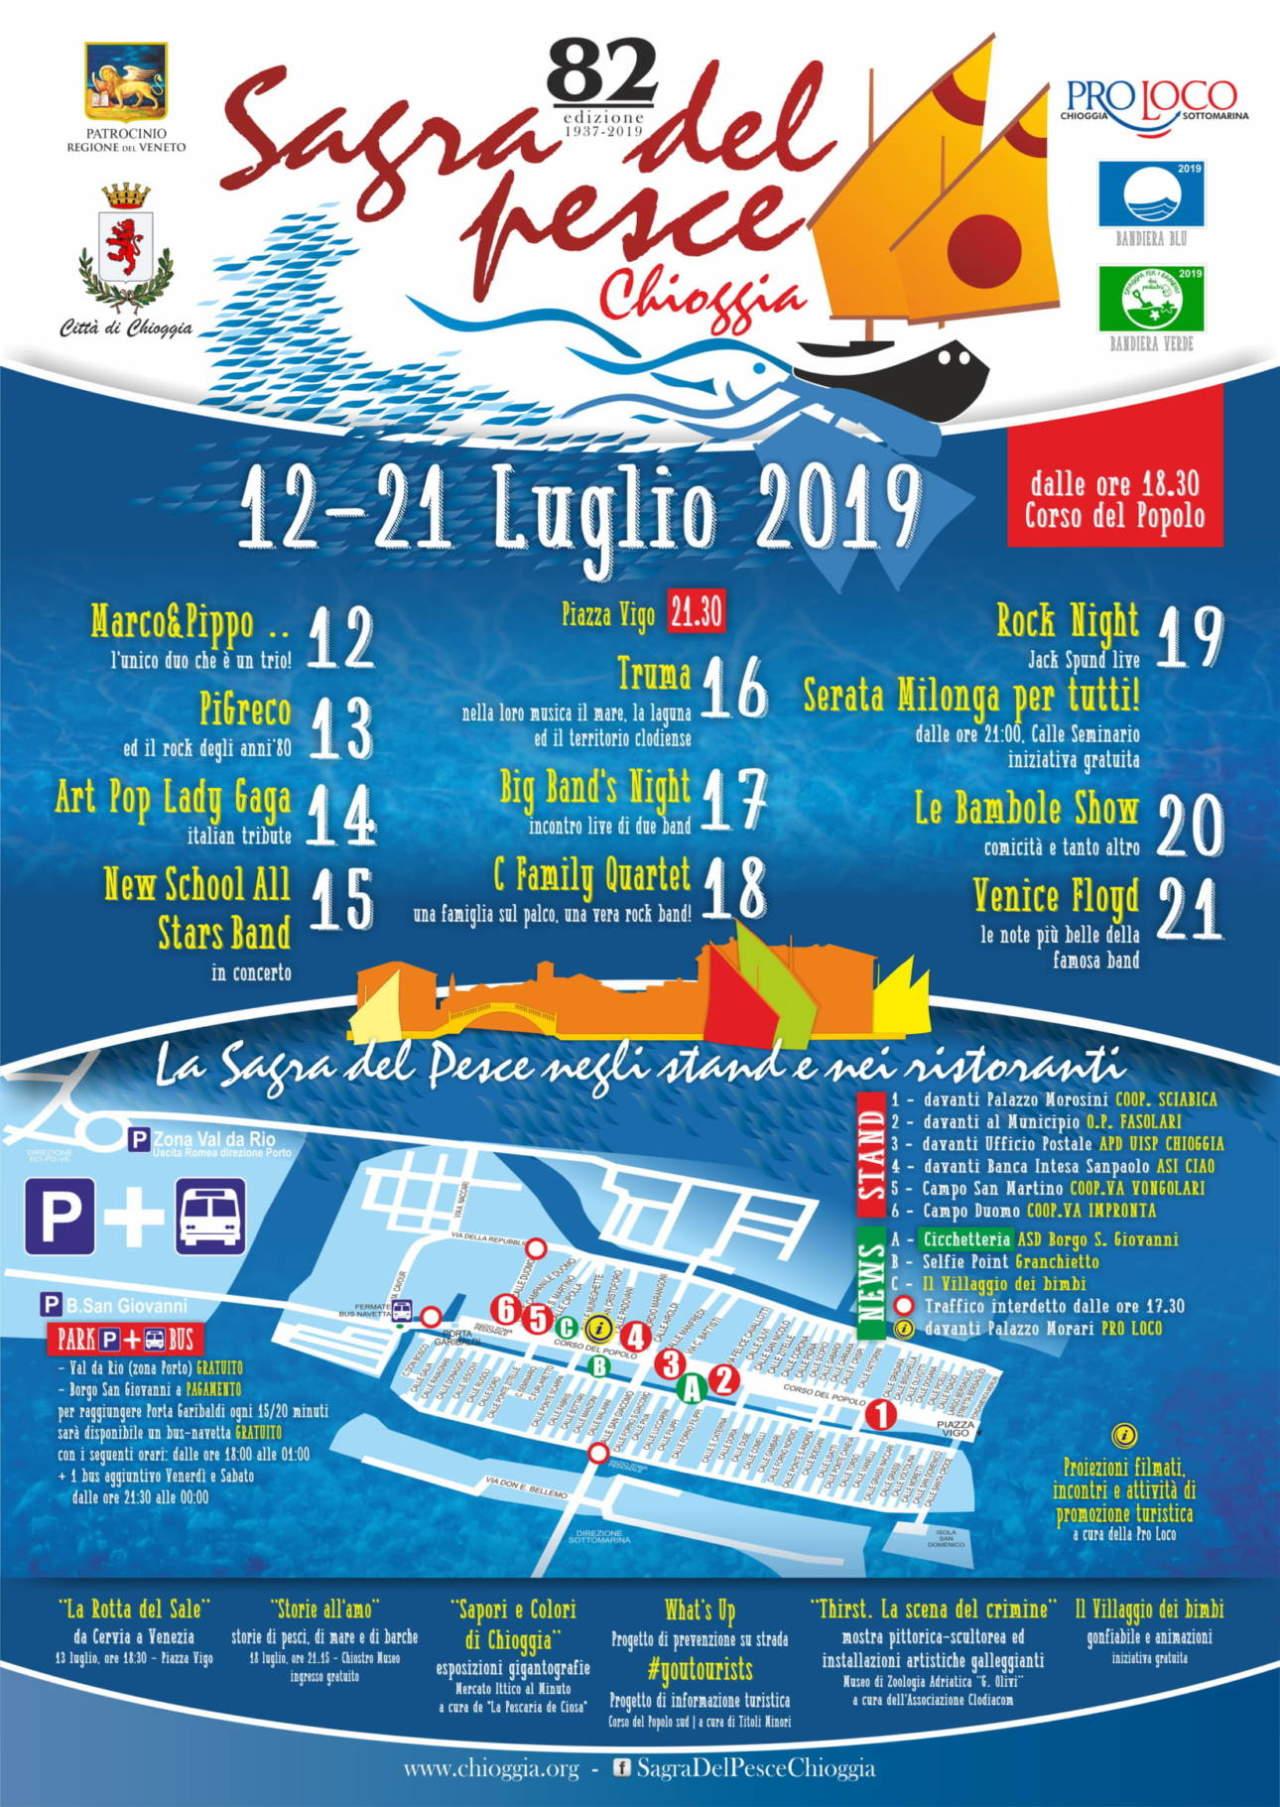 Sagra del Pesce 2019 Chioggia programma